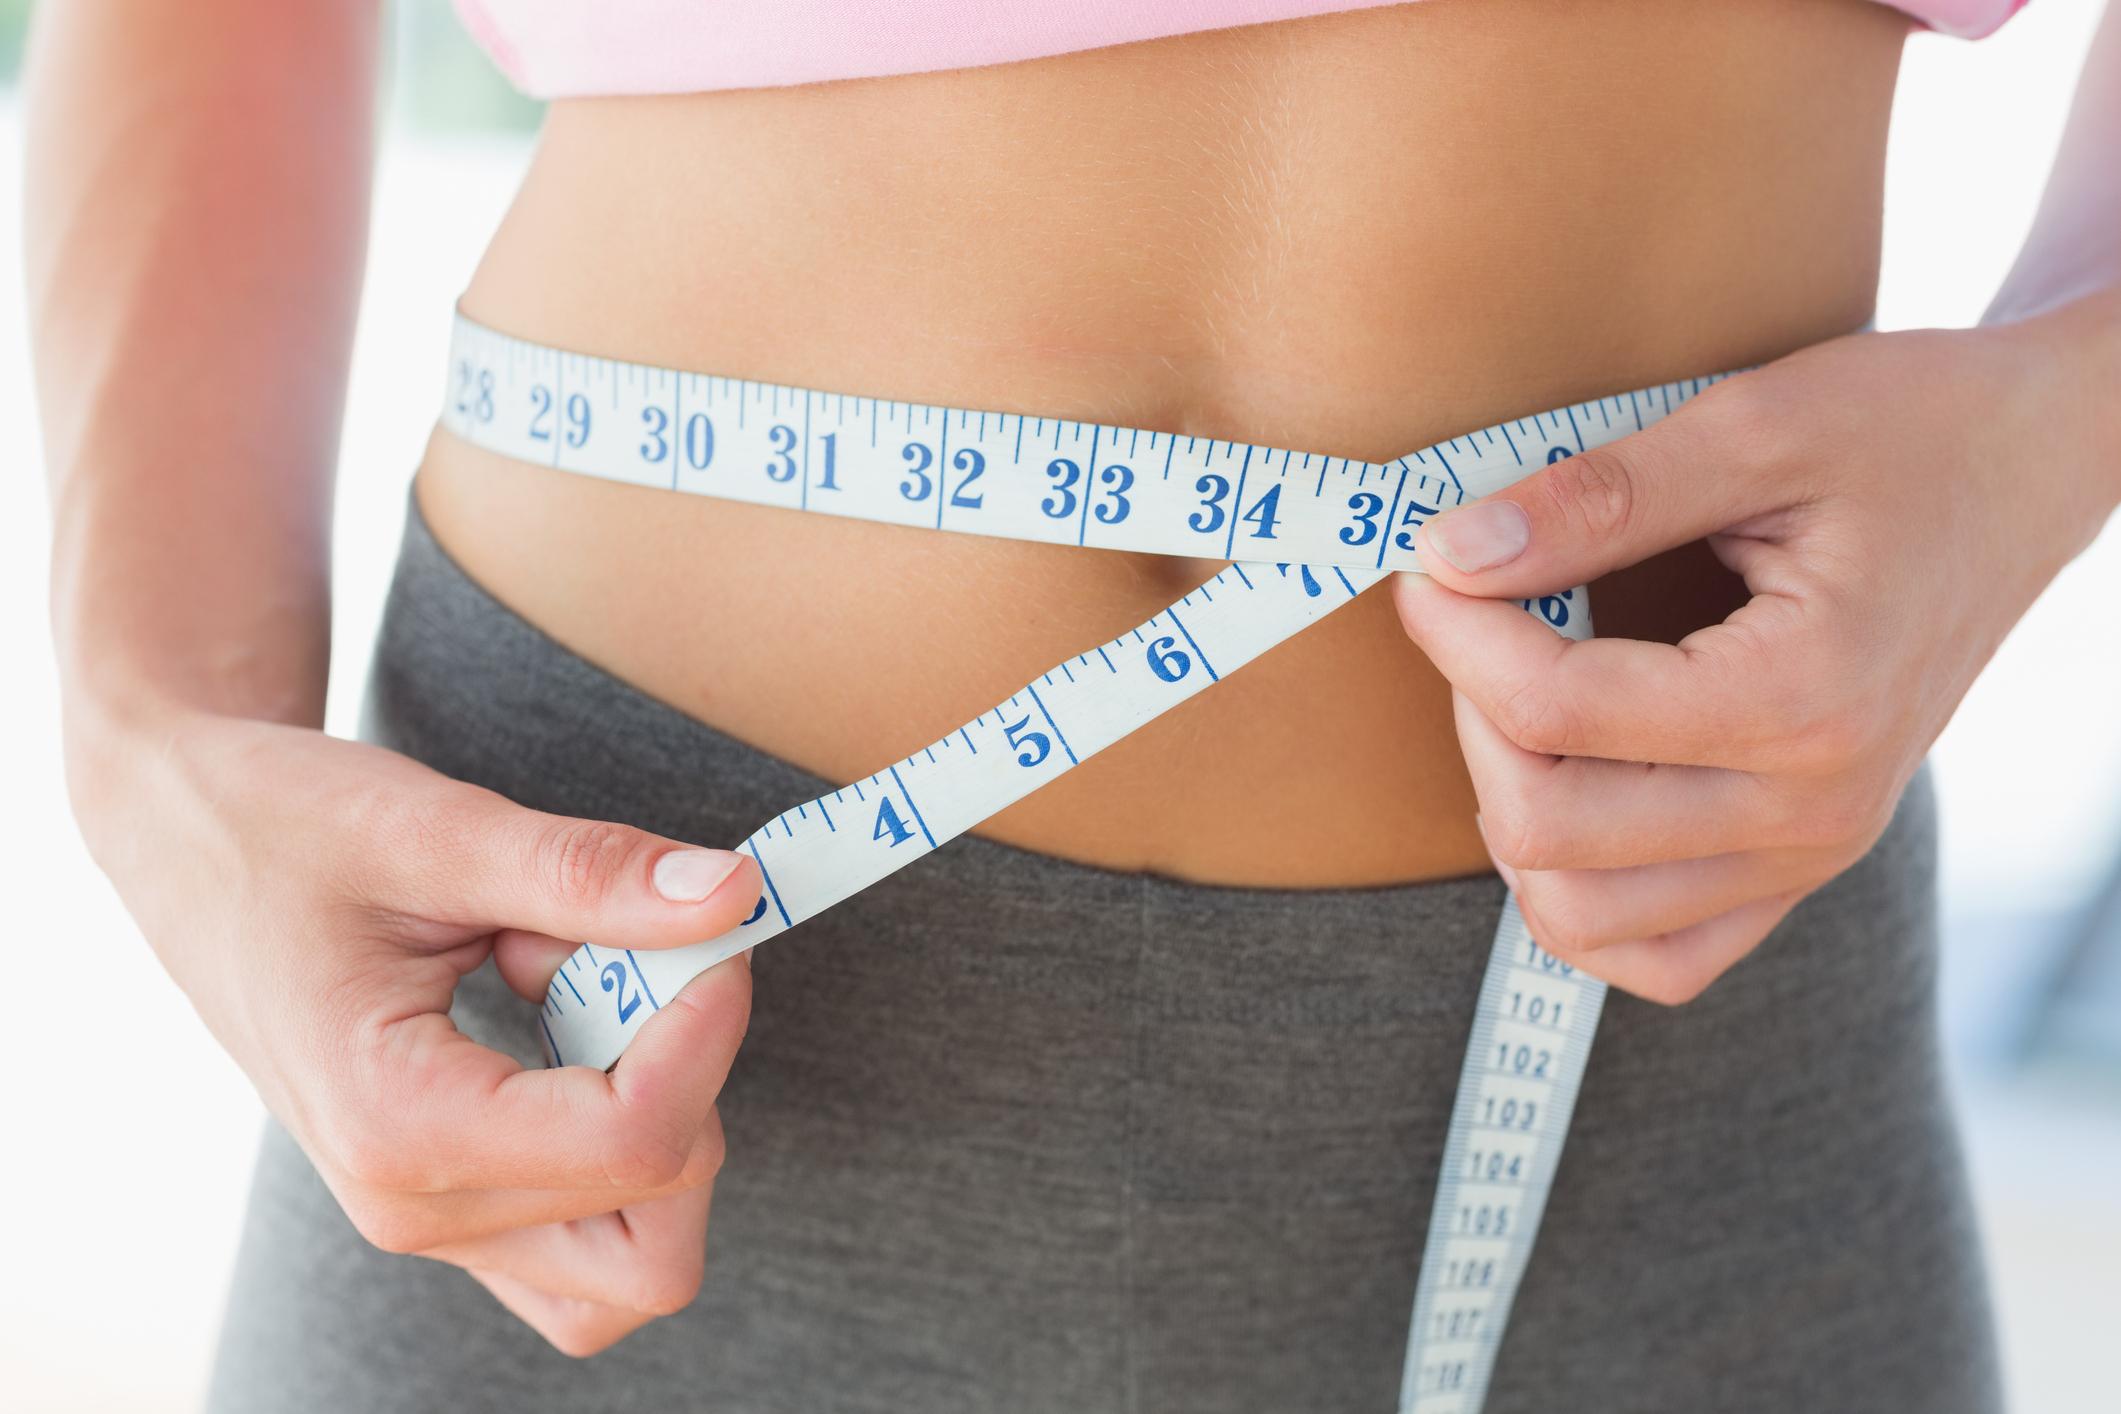 Mennyit ehet valaki egy sikeres fogyókúra után?